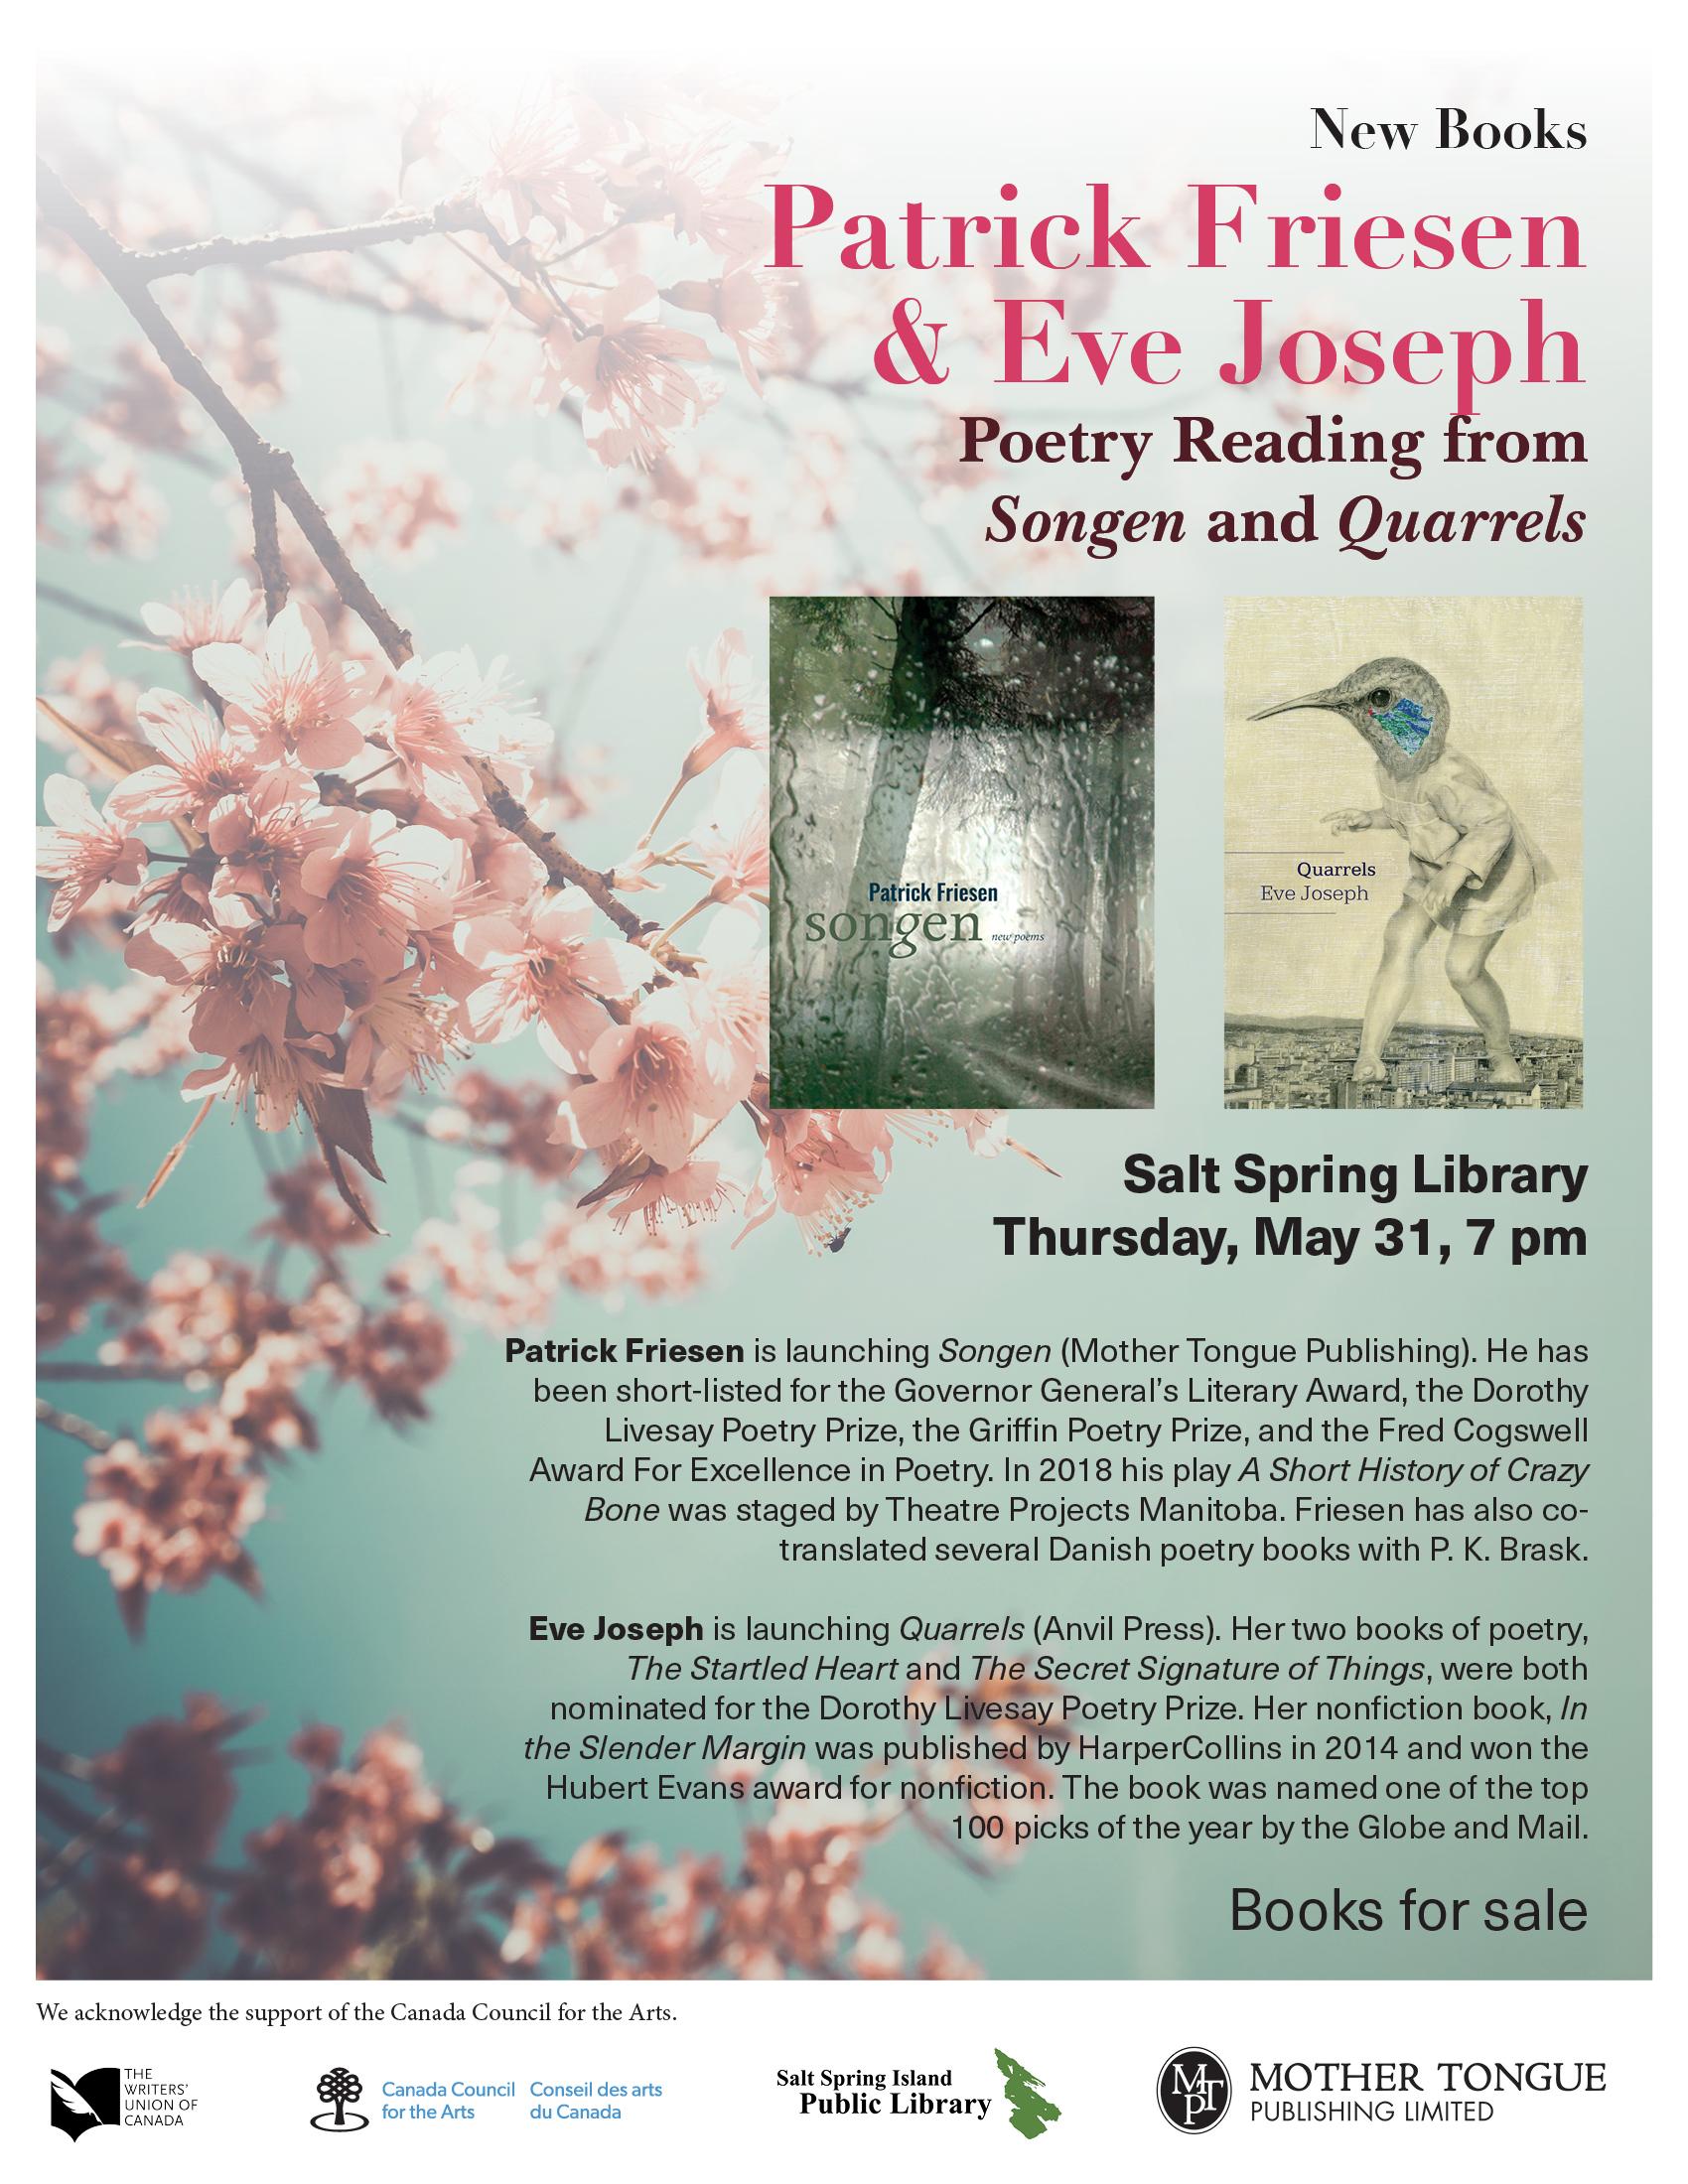 Patrick Friesen & Eve Joseph poetry reading